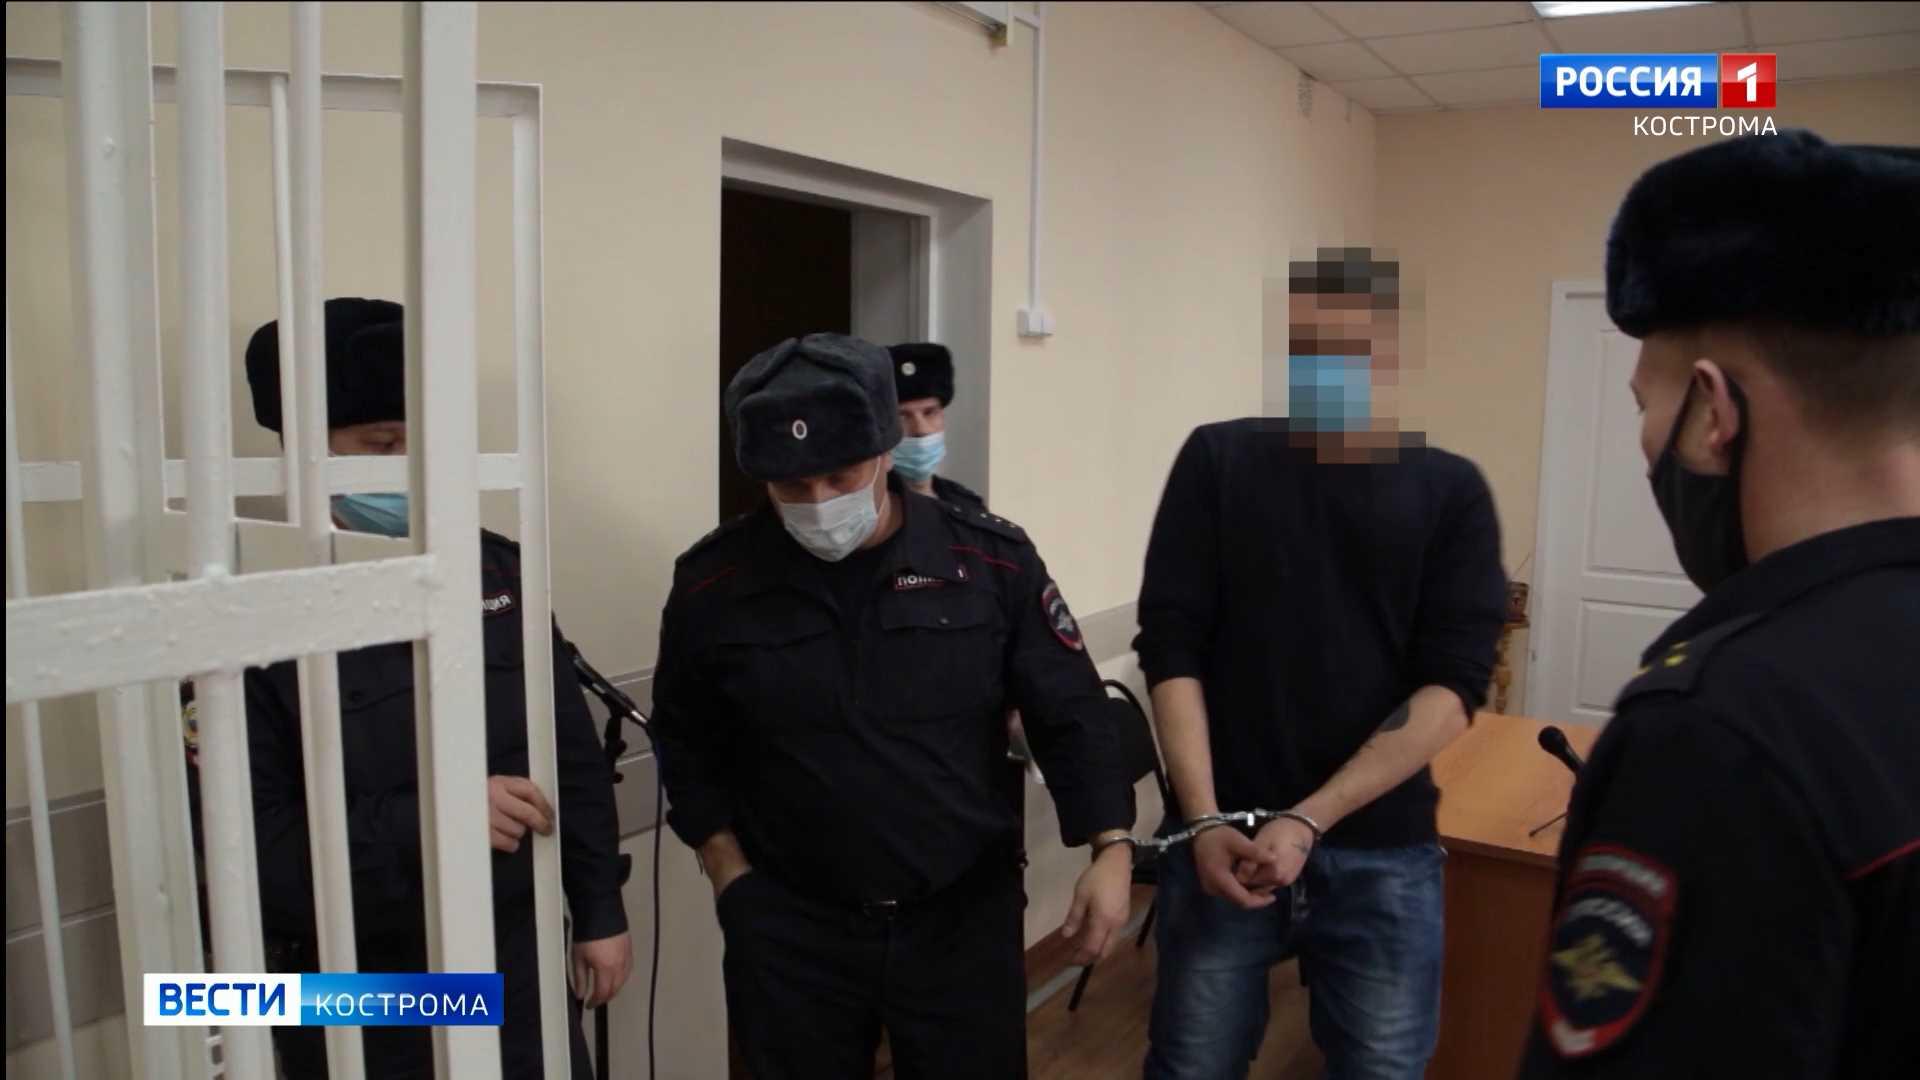 Арестован главный подозреваемый в убийстве и расчленении костромича